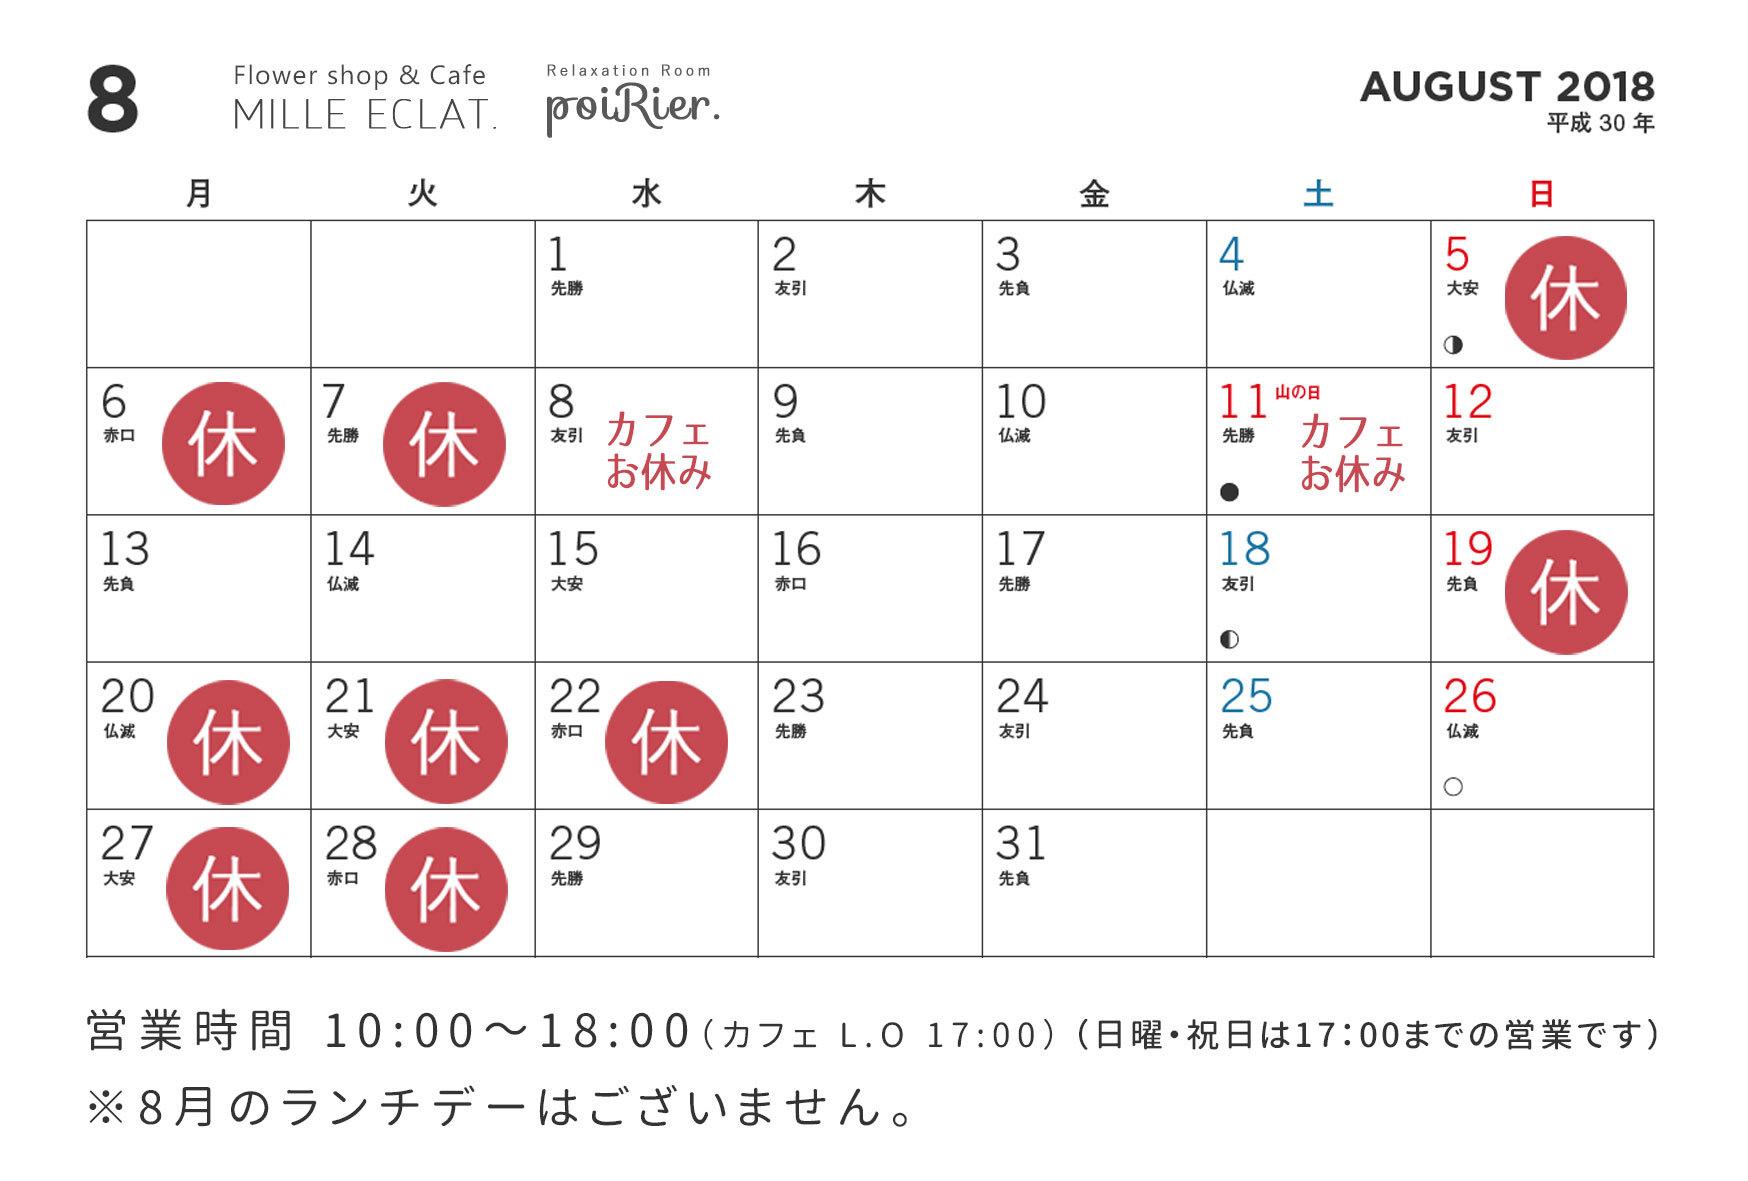 フラワーショップミルエクラ.営業日カレンダー